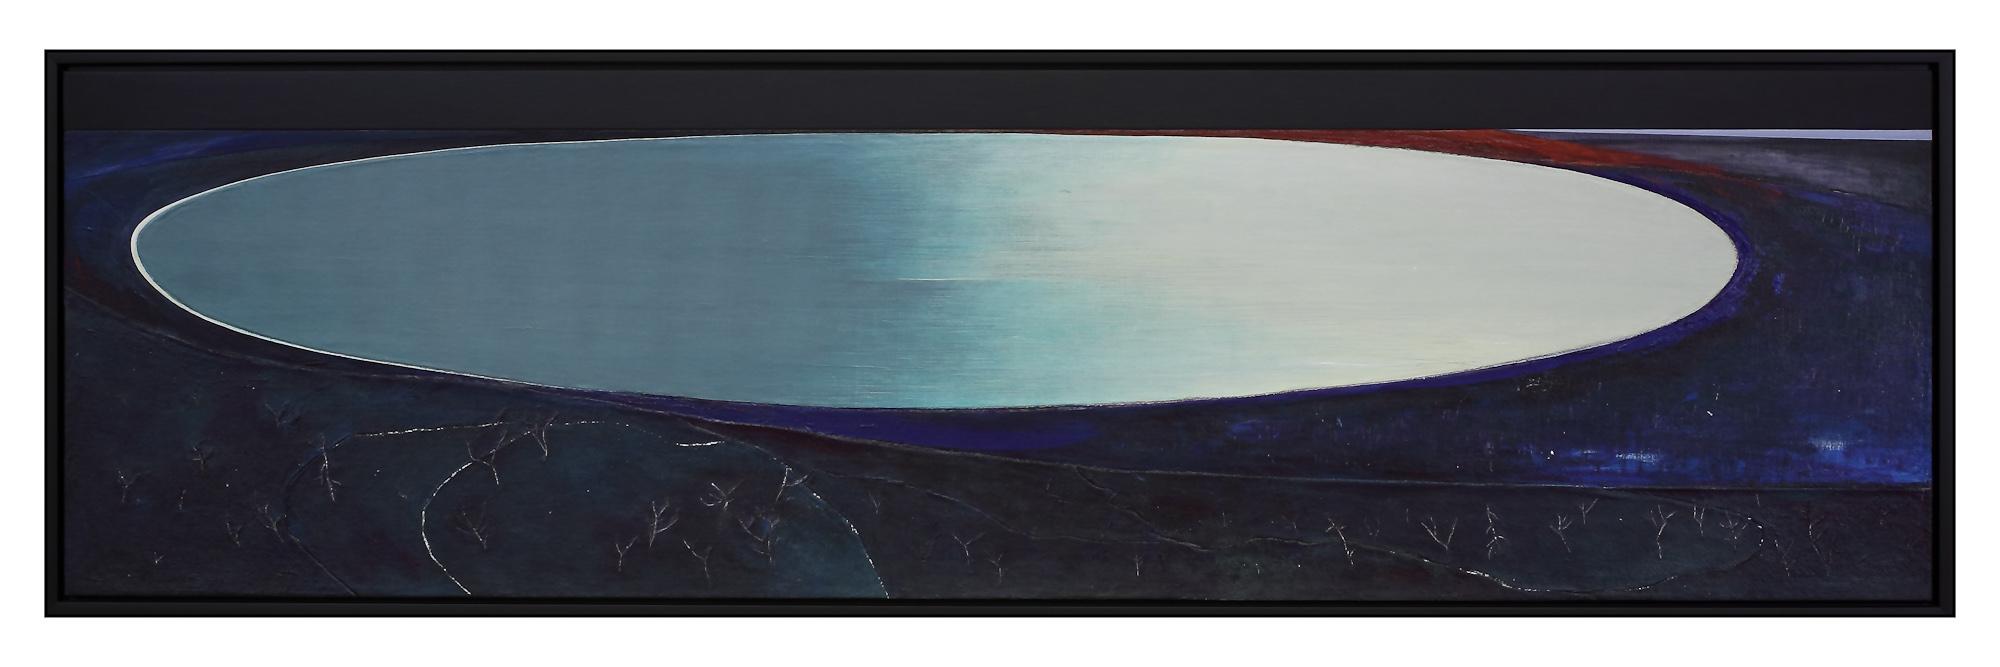 Lac, 1994. Acrylique sur toile, 69 x 240 cm.